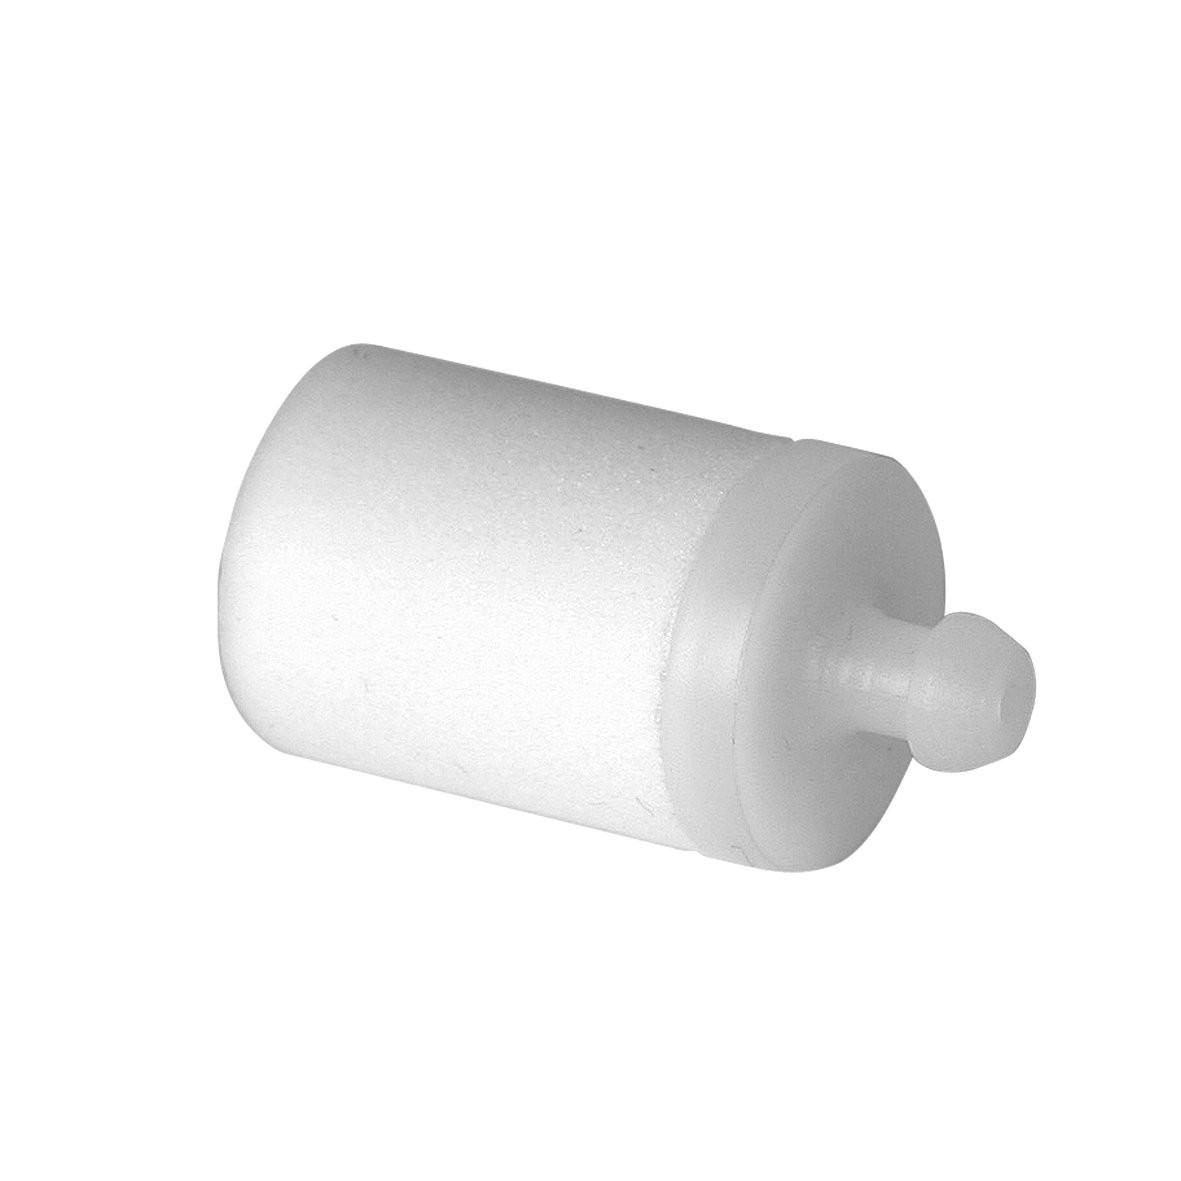 Univerzální palivový filtr pro řetězové pily o průměru 5 mm (typ: Stihl)